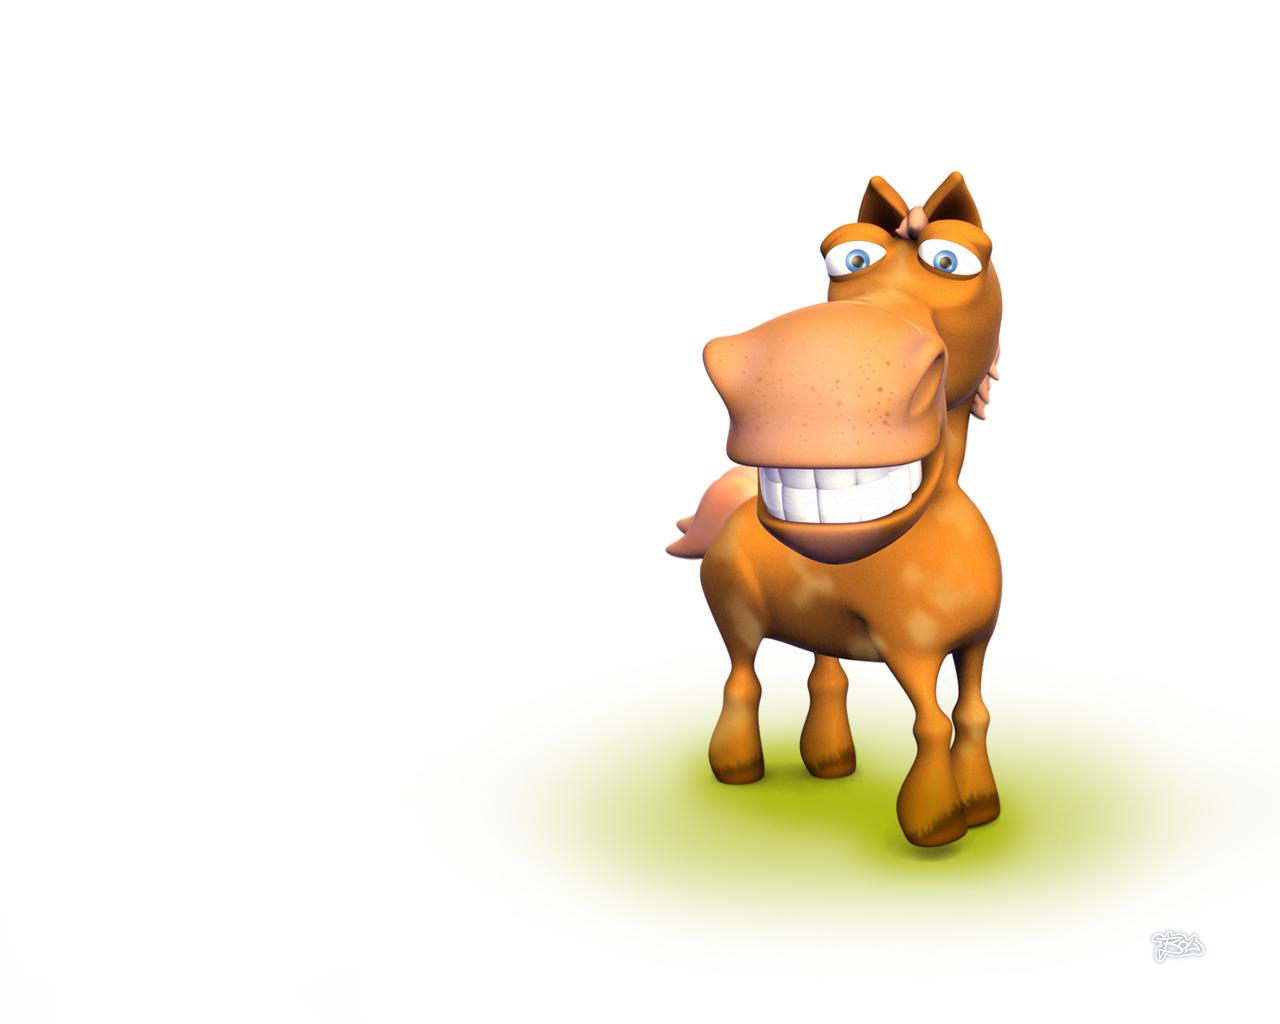 Обои на рабочий стол, лошадь, конь, фото